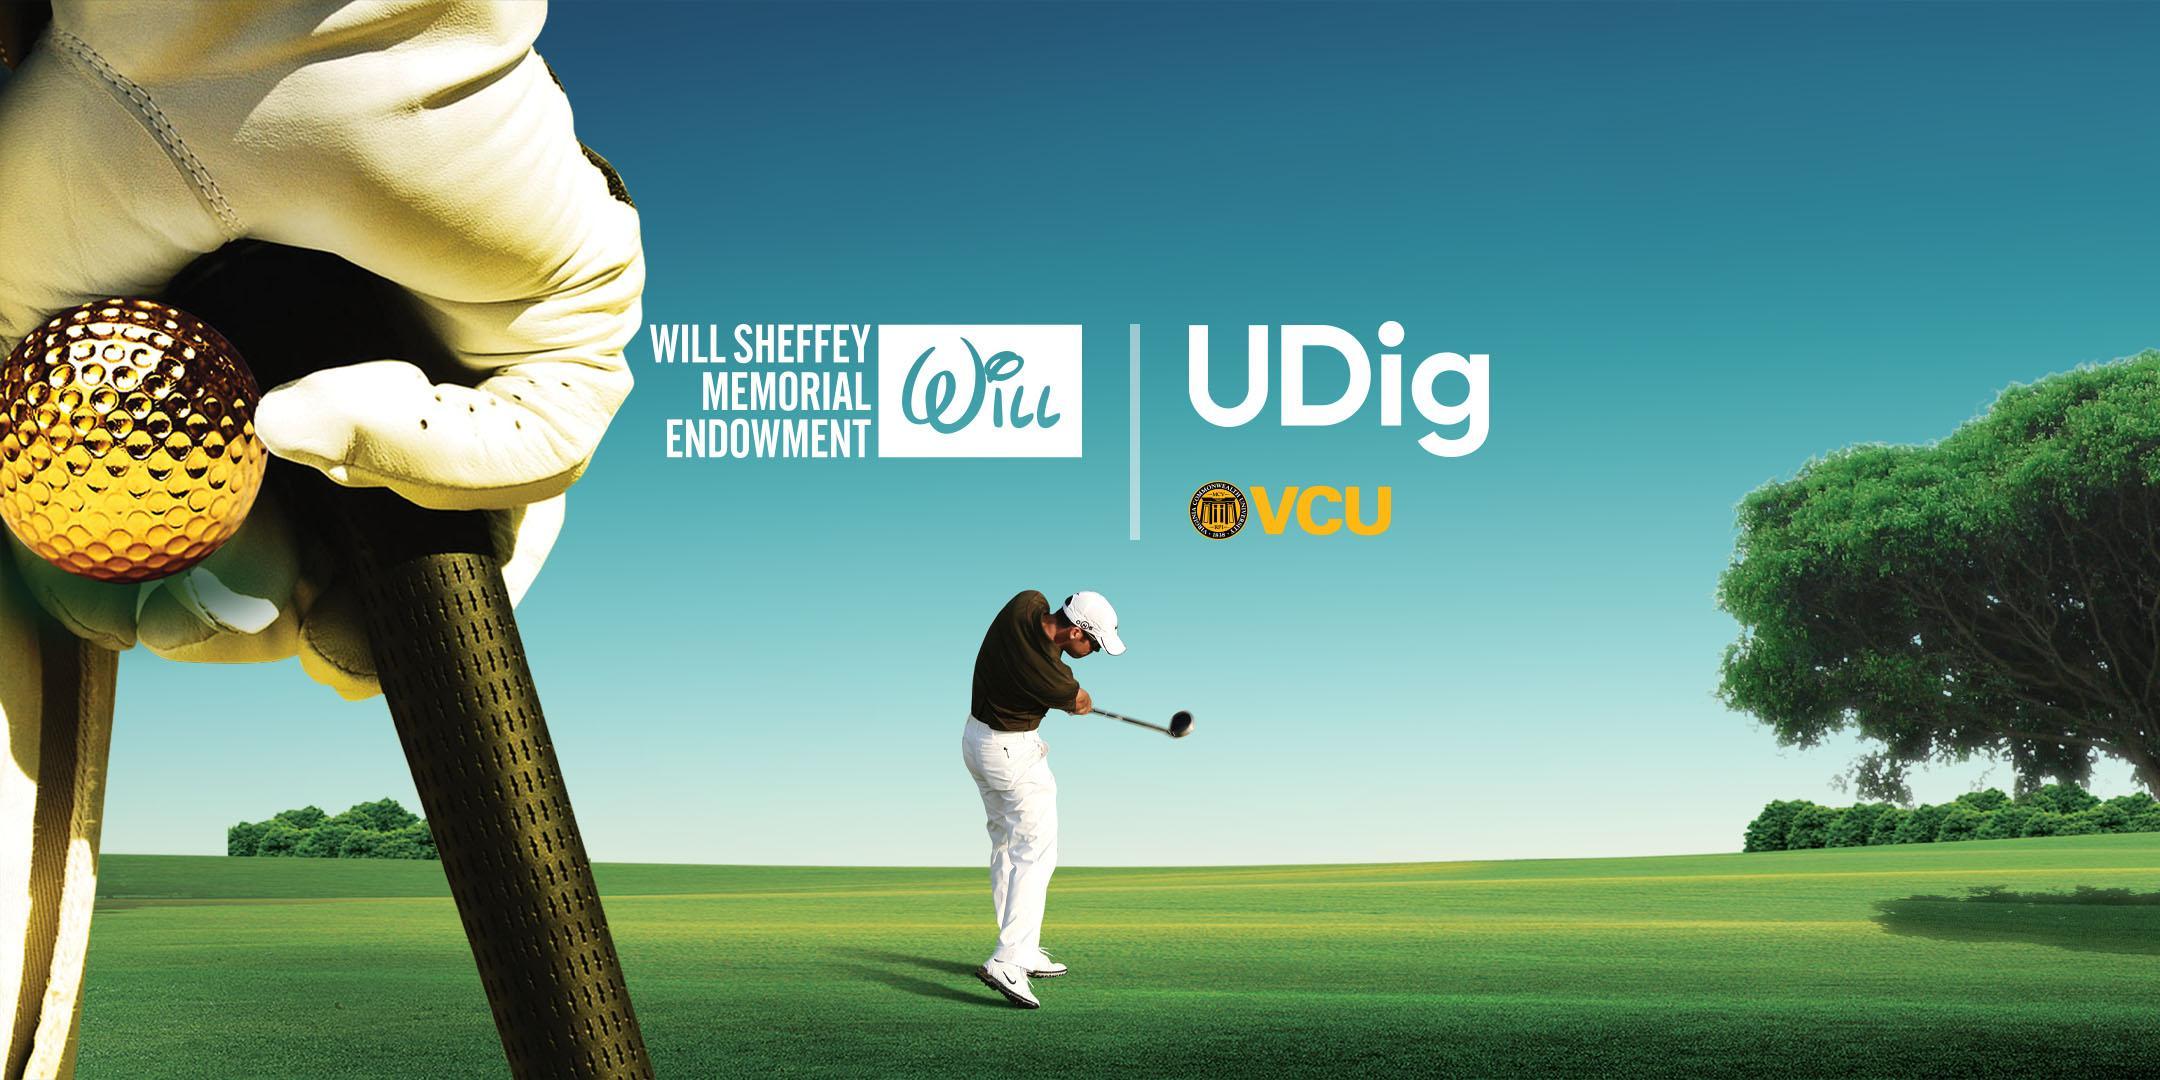 3rd Annual Sheffey Endowment Golf Tournament